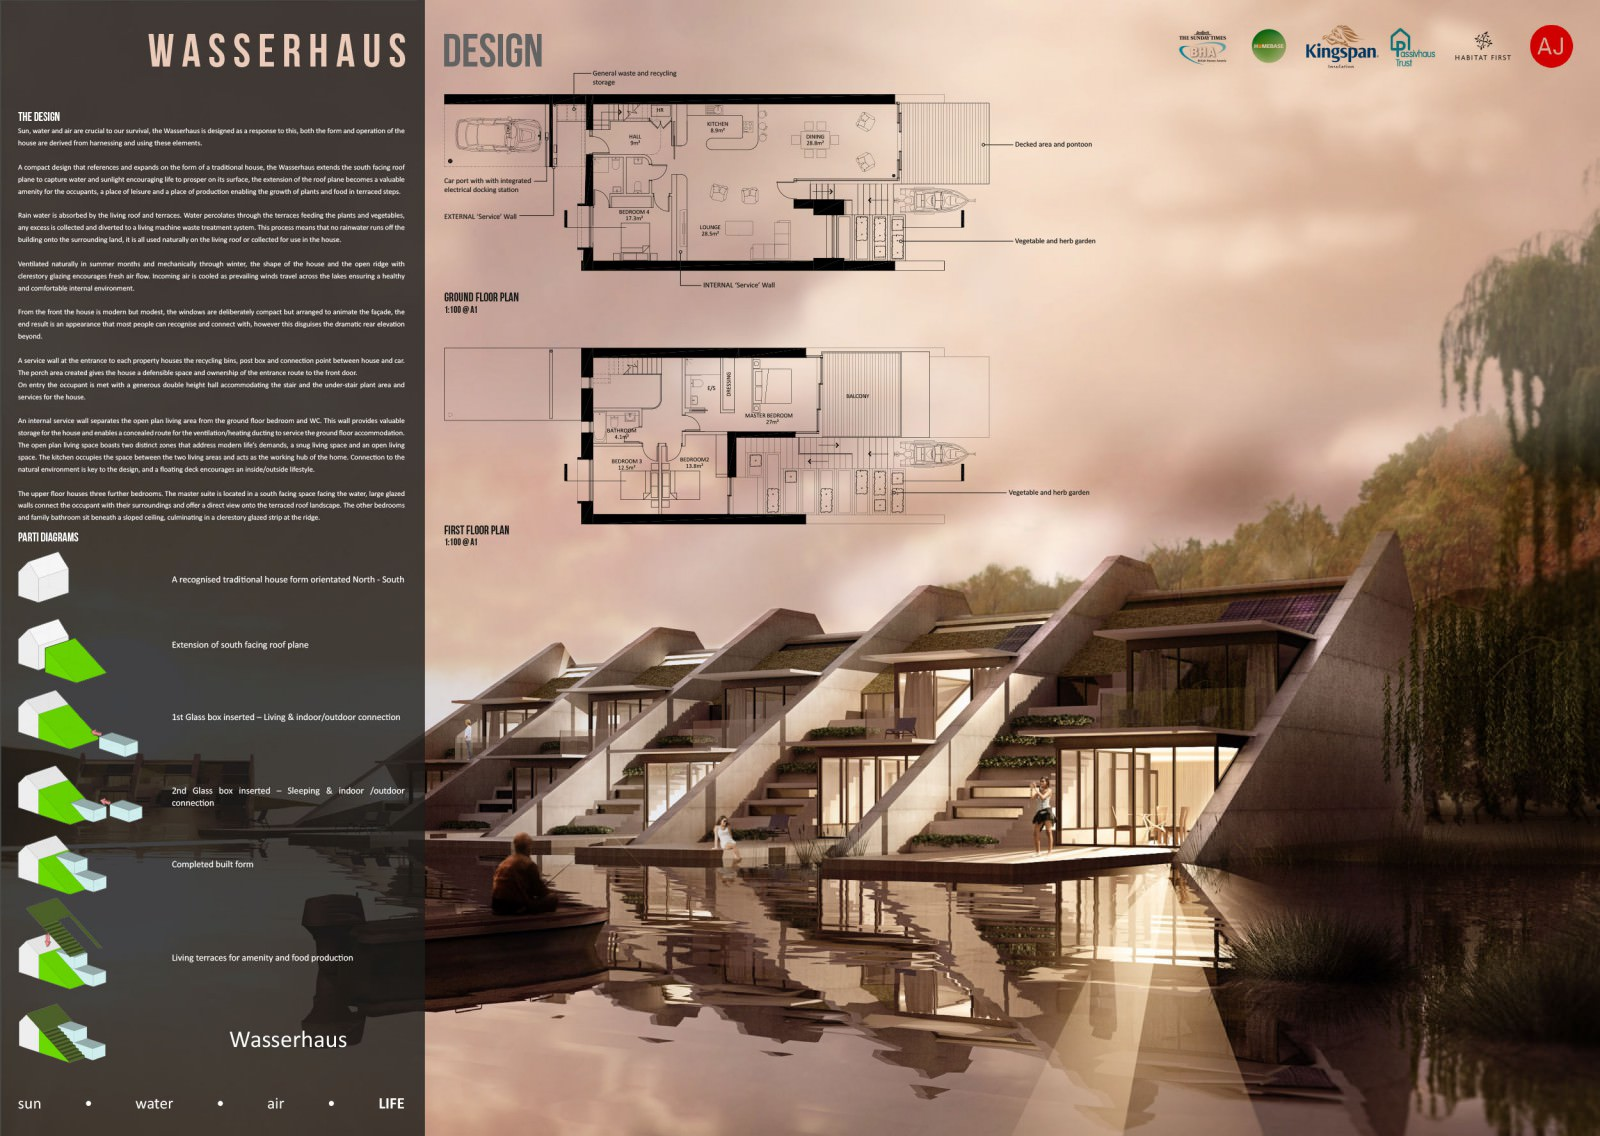 Wasser Haus Brightspace Architects